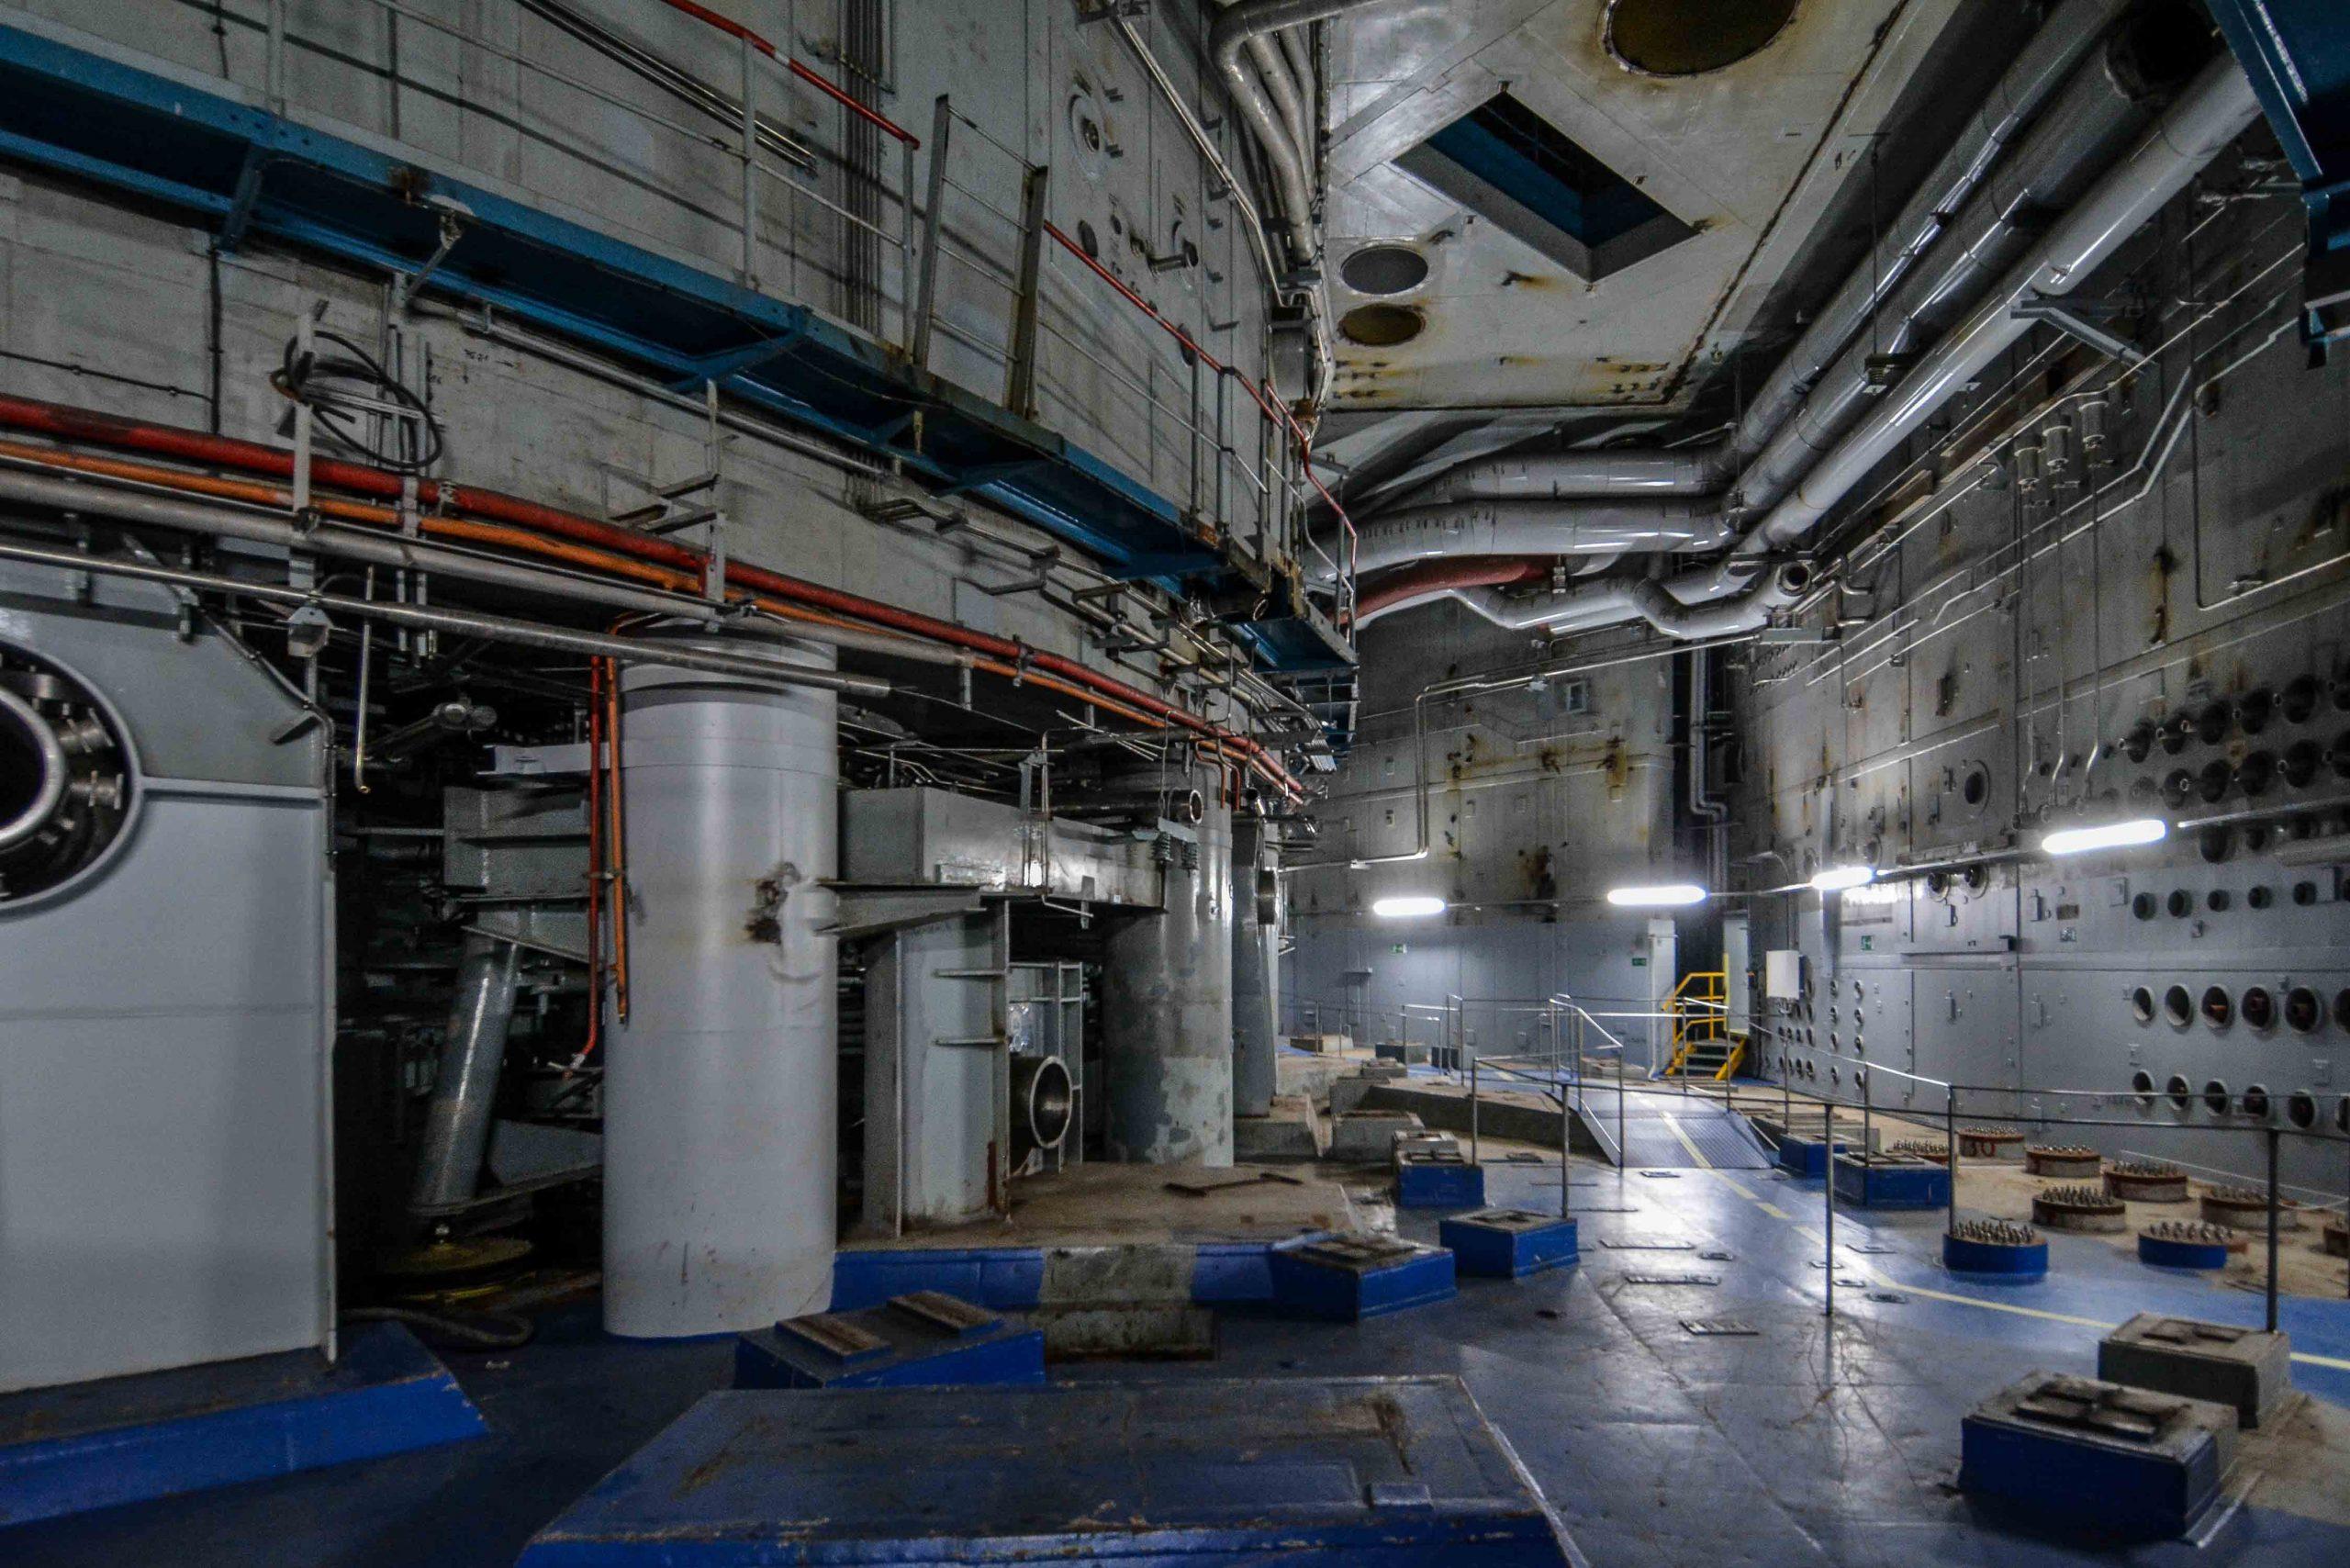 reaktor anlagen kernkraftwerk greifswald nuclear powerplant ost deutschland east germany gdr DDR mecklenburg vorpommern